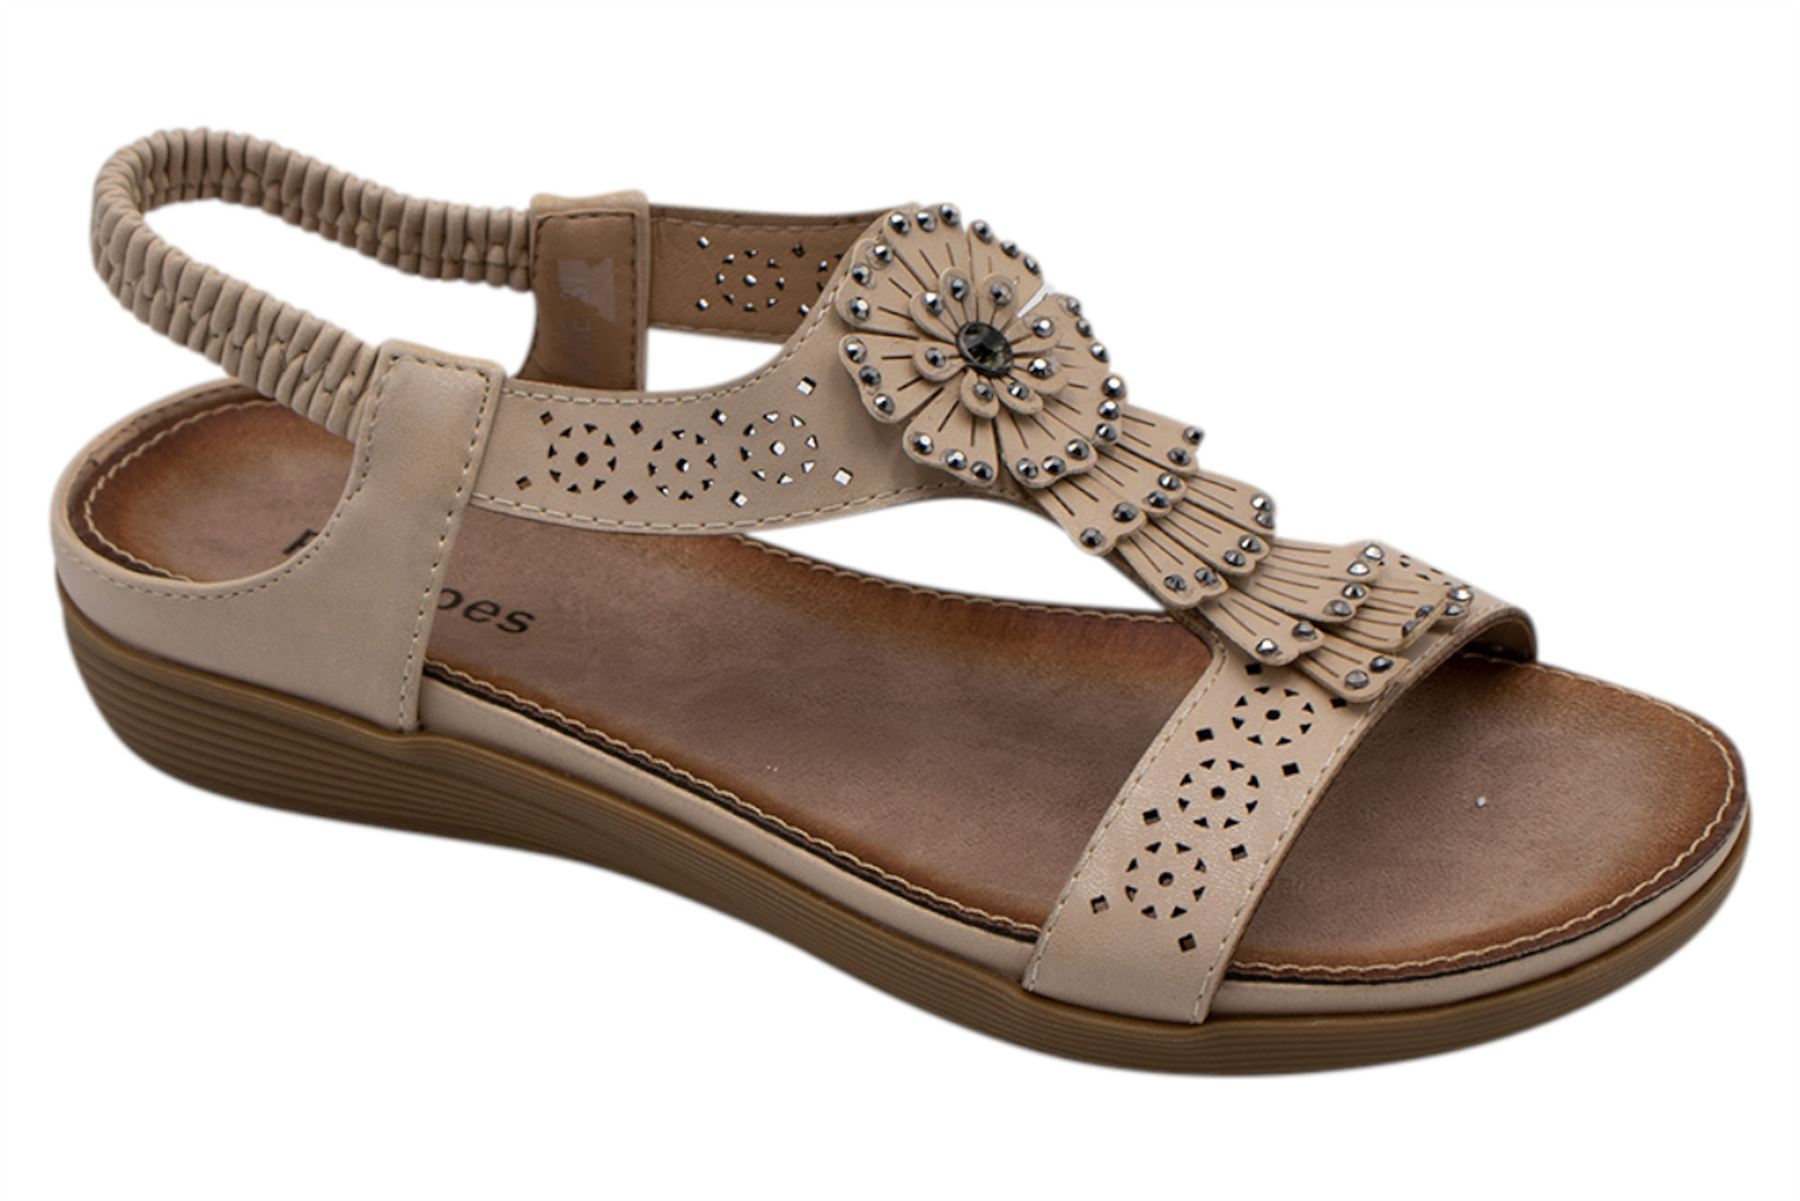 Ladies-Sandals-Womens-Shiny-Flat-Flip-Flop-Beach-Sliders miniatura 10